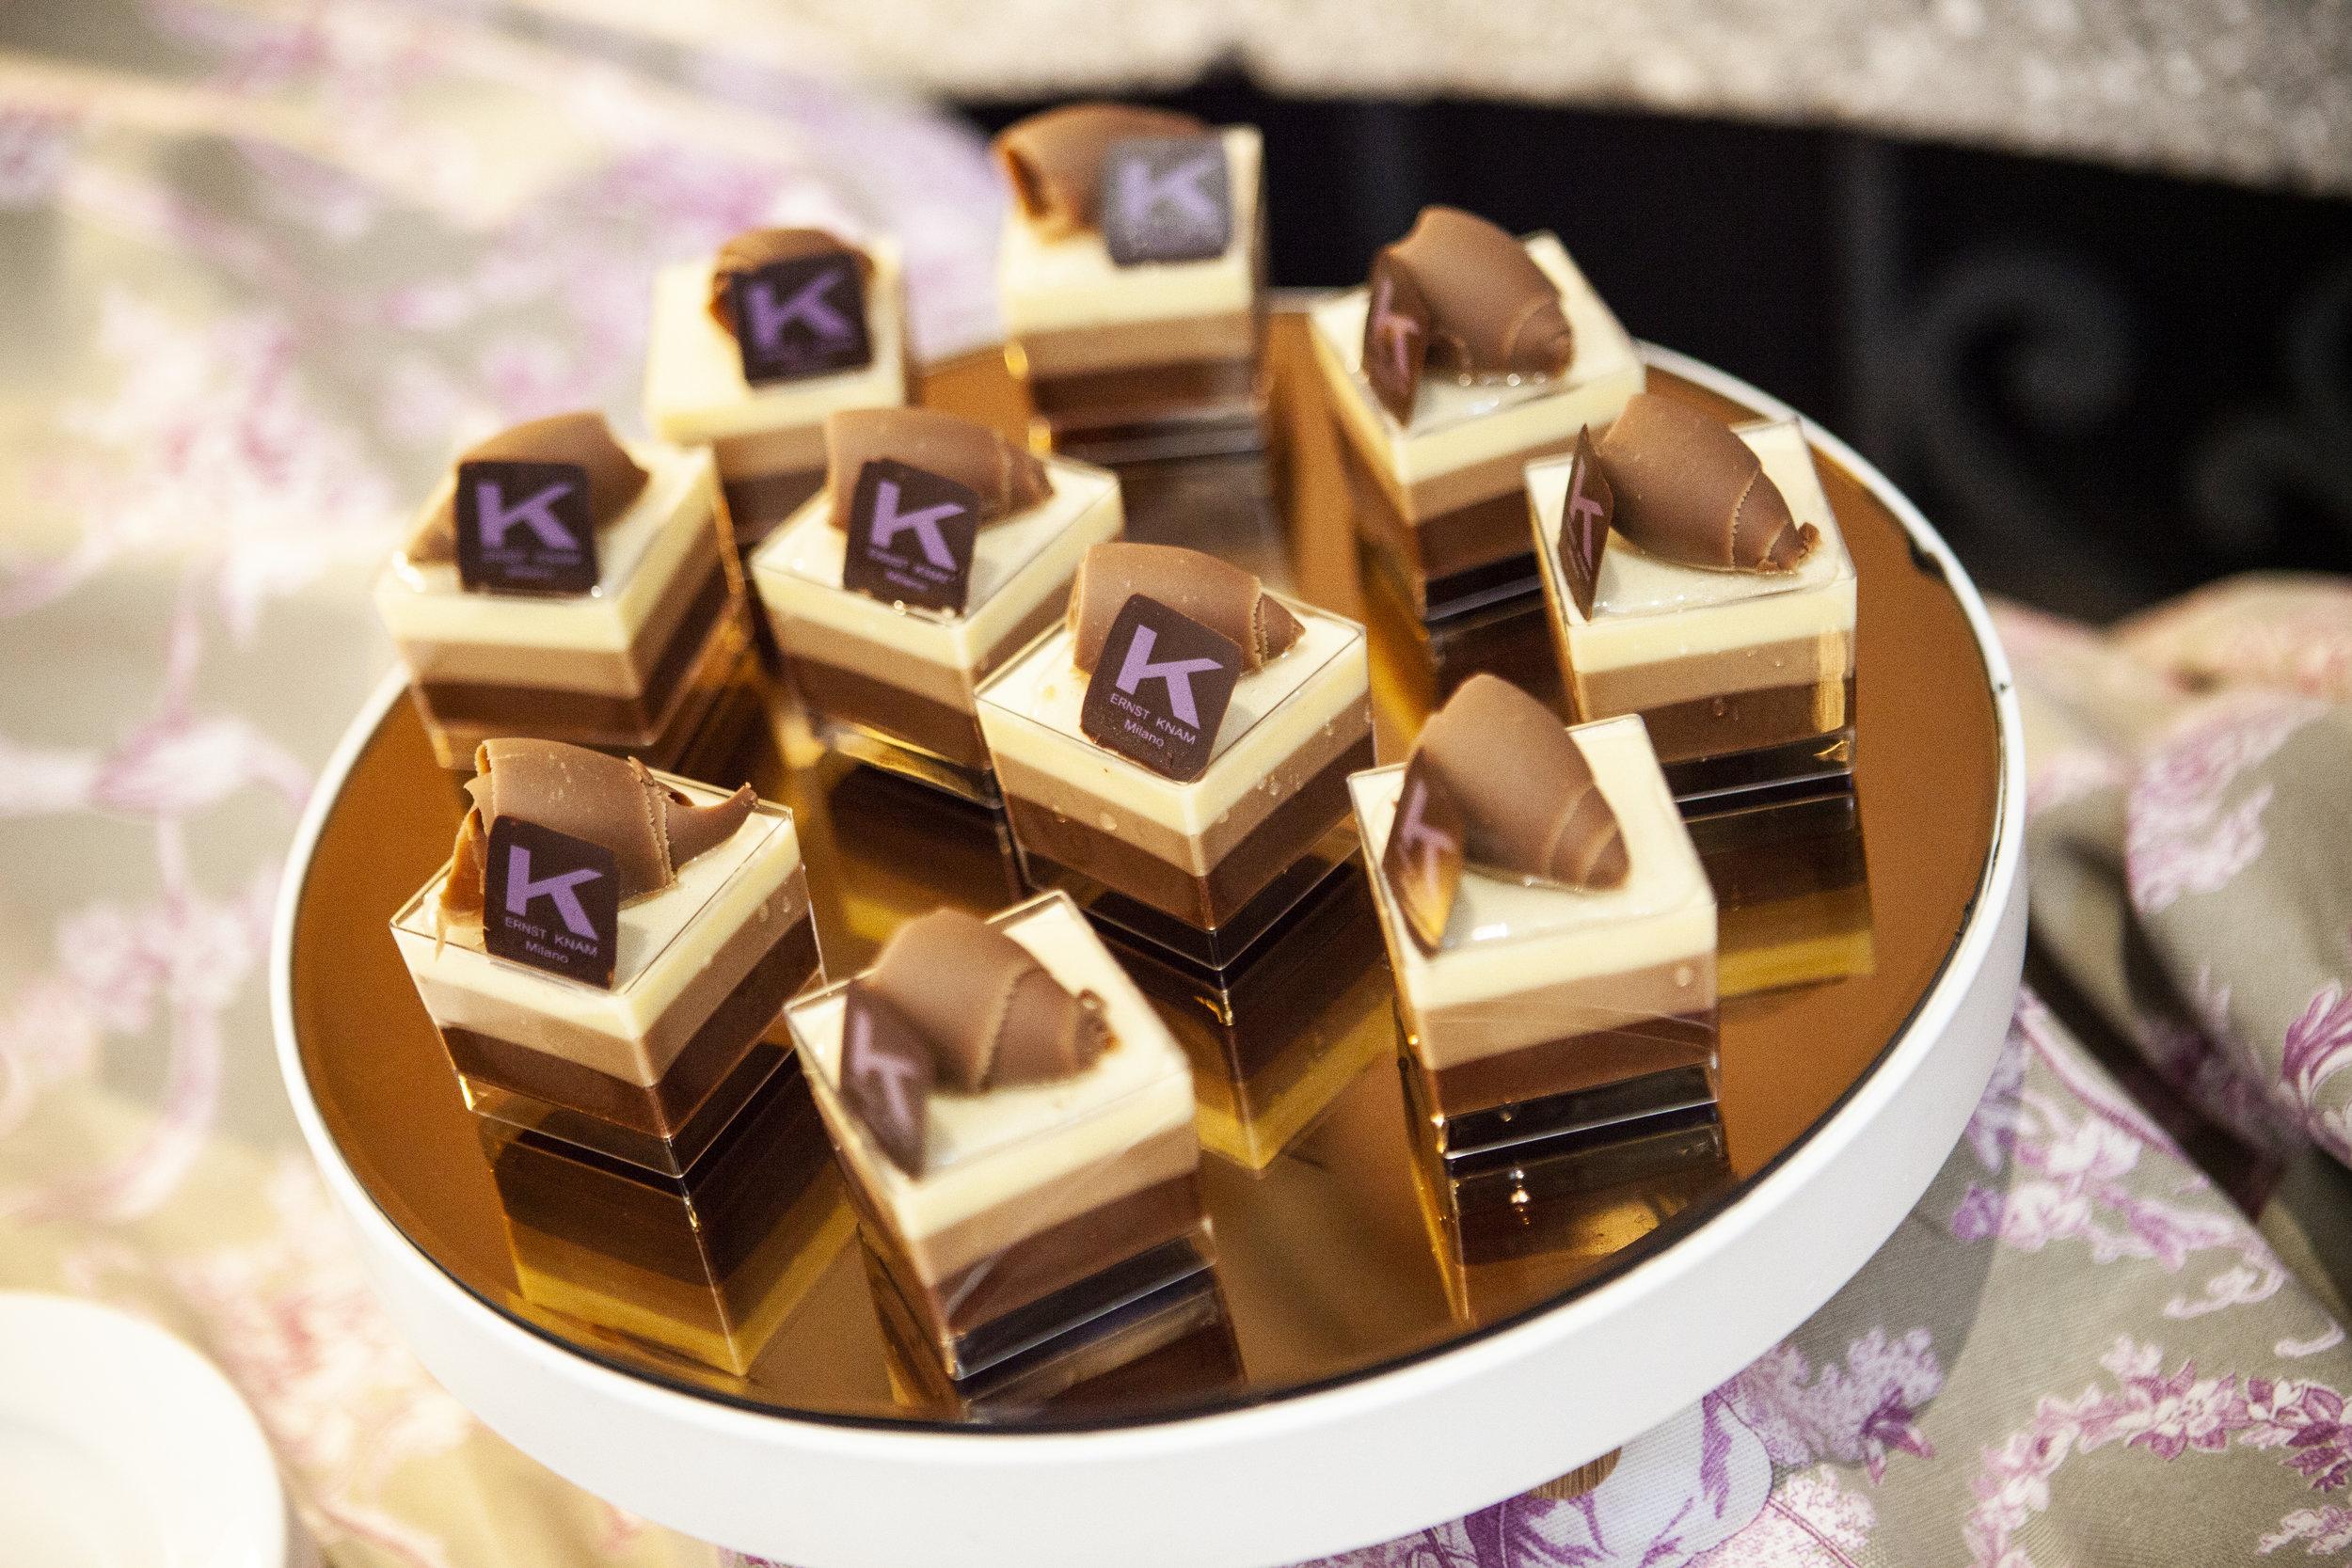 A Novembre si festeggia il Tris Day, una giornata in cui all'interno della Pasticceria Ernst Knam, la Tris sarà l'assoluta protagonista in forma di torta, monoporzione e cioccolato.